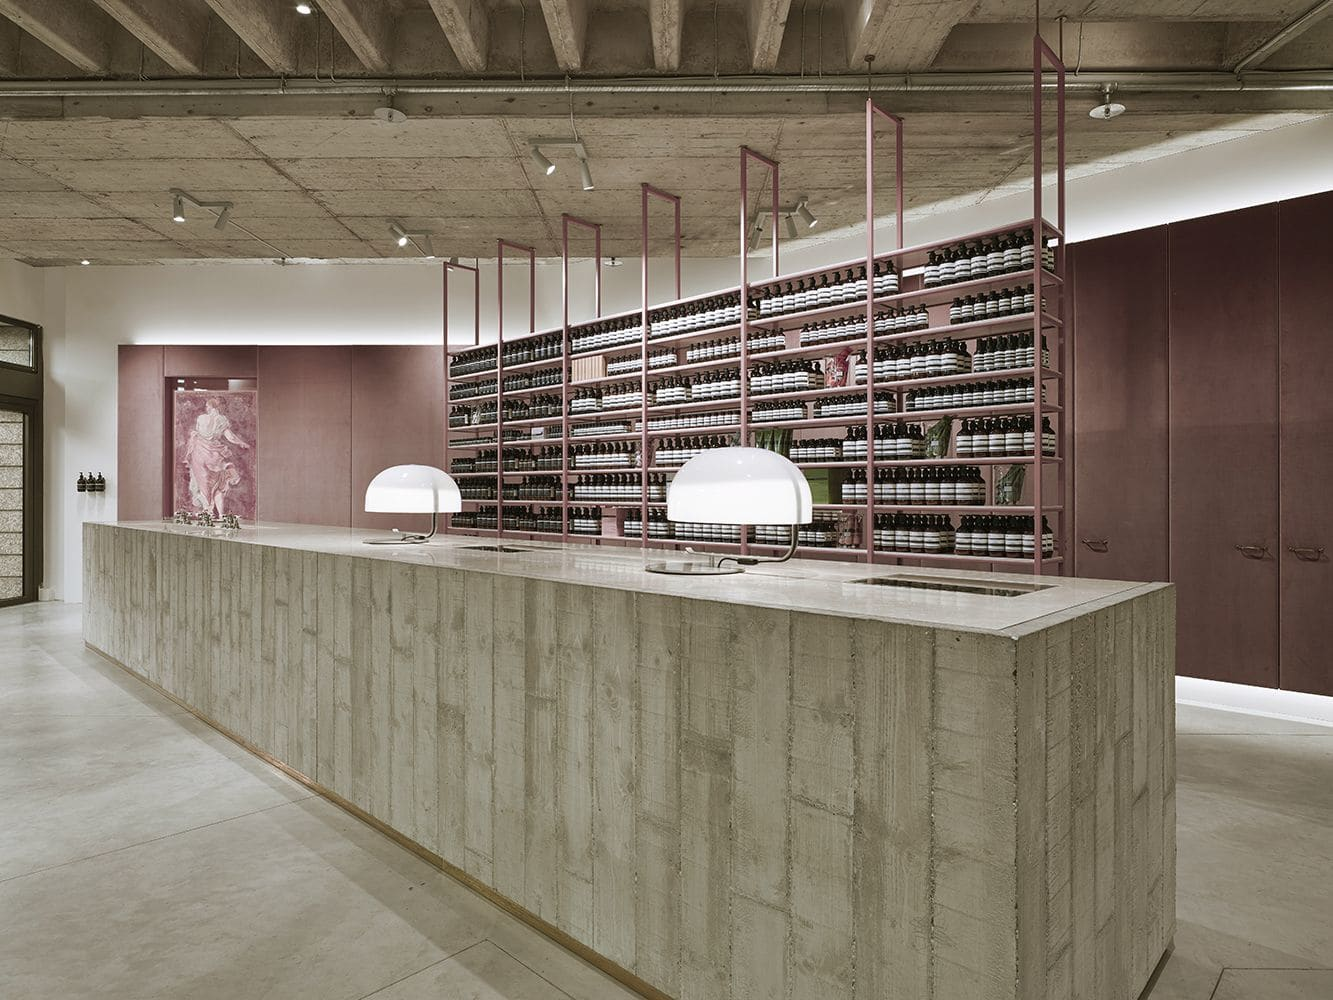 Interior Design by 1zu33 seen at Maximiliansplatz, München - Signature Store Munich, Aesop